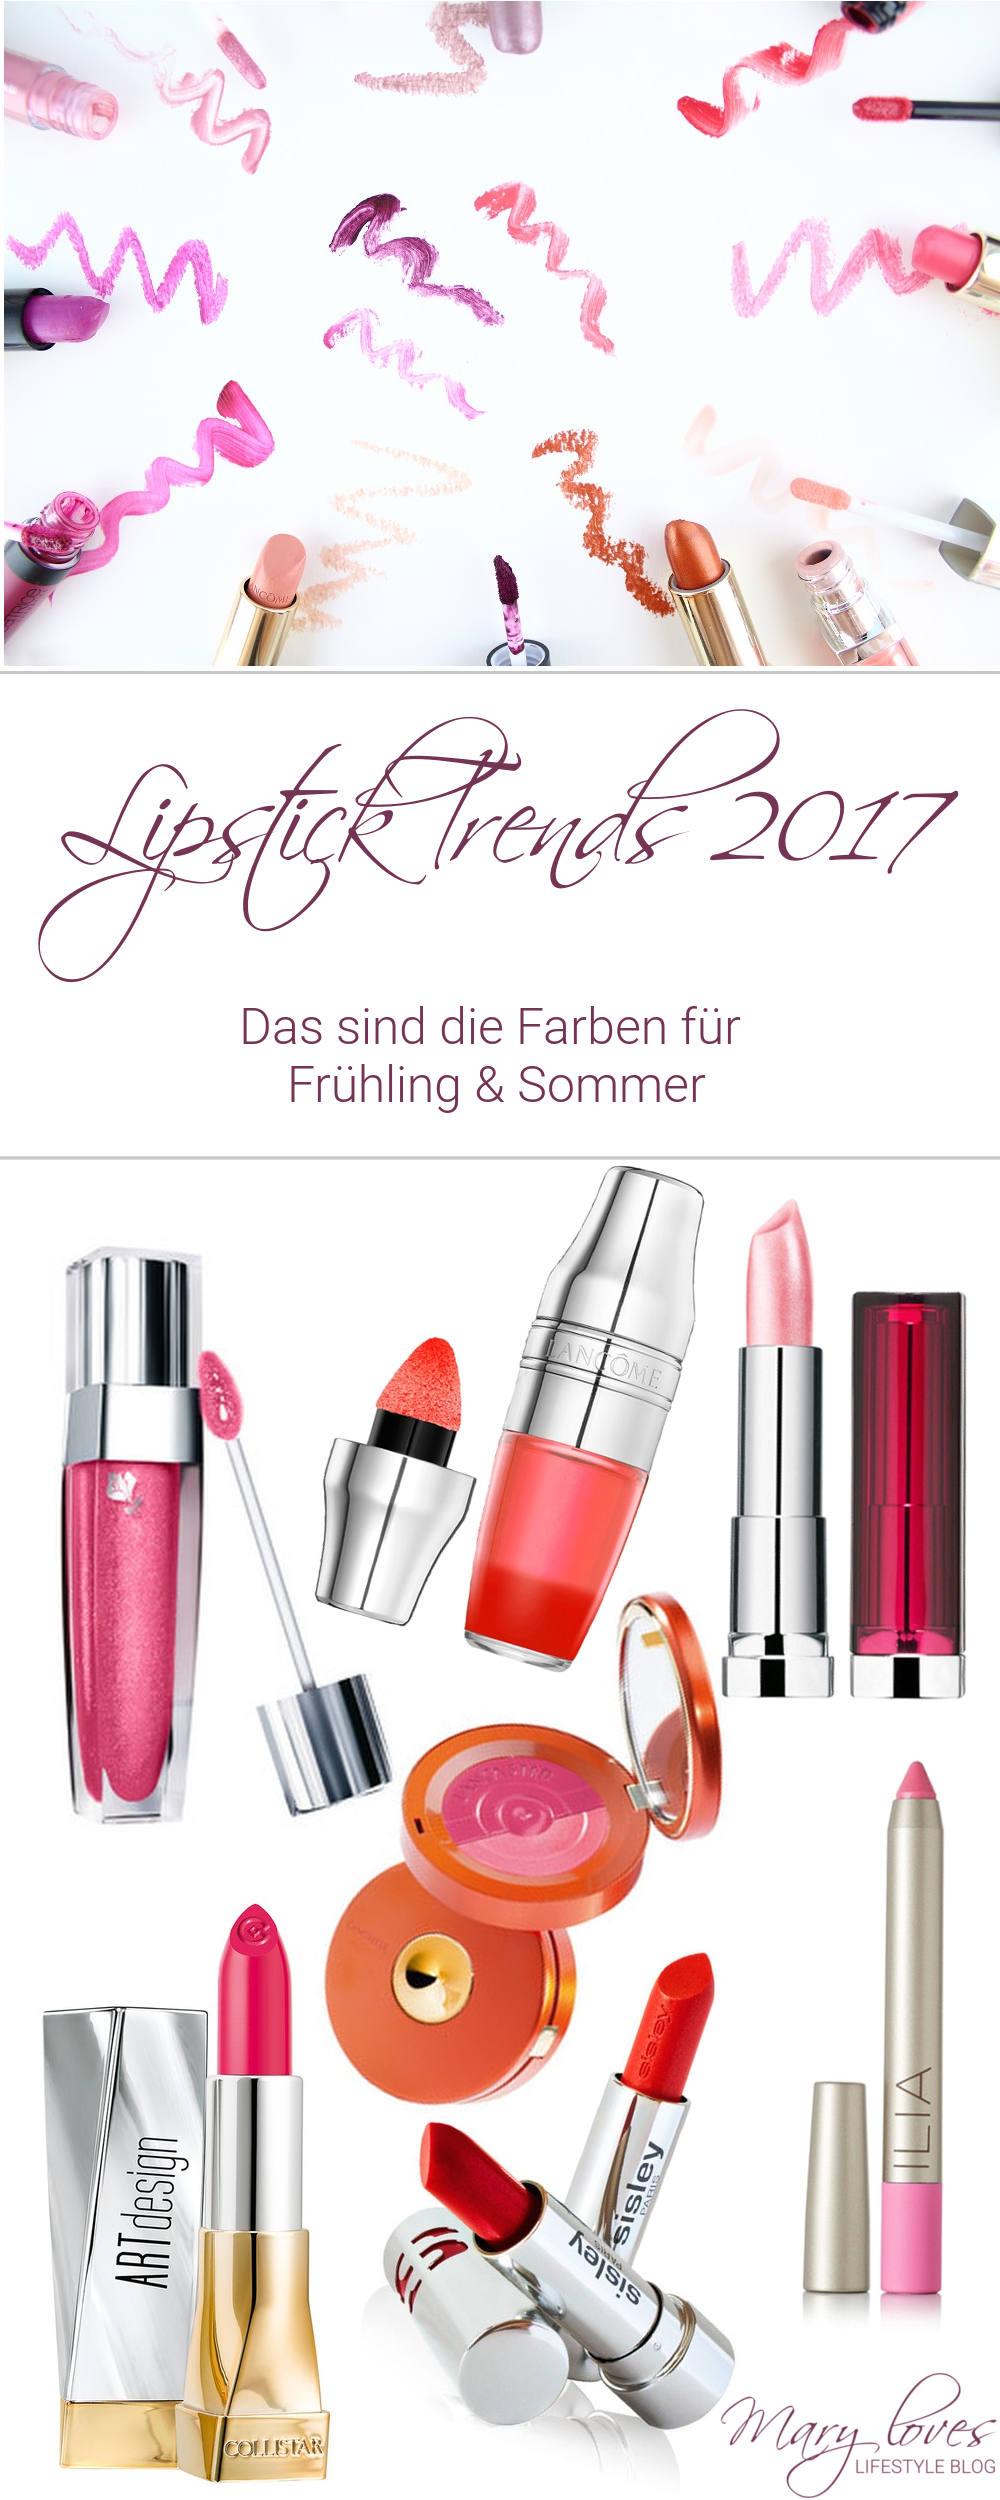 Lipstick Trends 2017 - Das sind die Farben für Frühling und Sommer 2017 - Lippenfarben, Lippenstift, Lippentrends, Lippen Make-up, Lips, Lippen, Lipgloss,